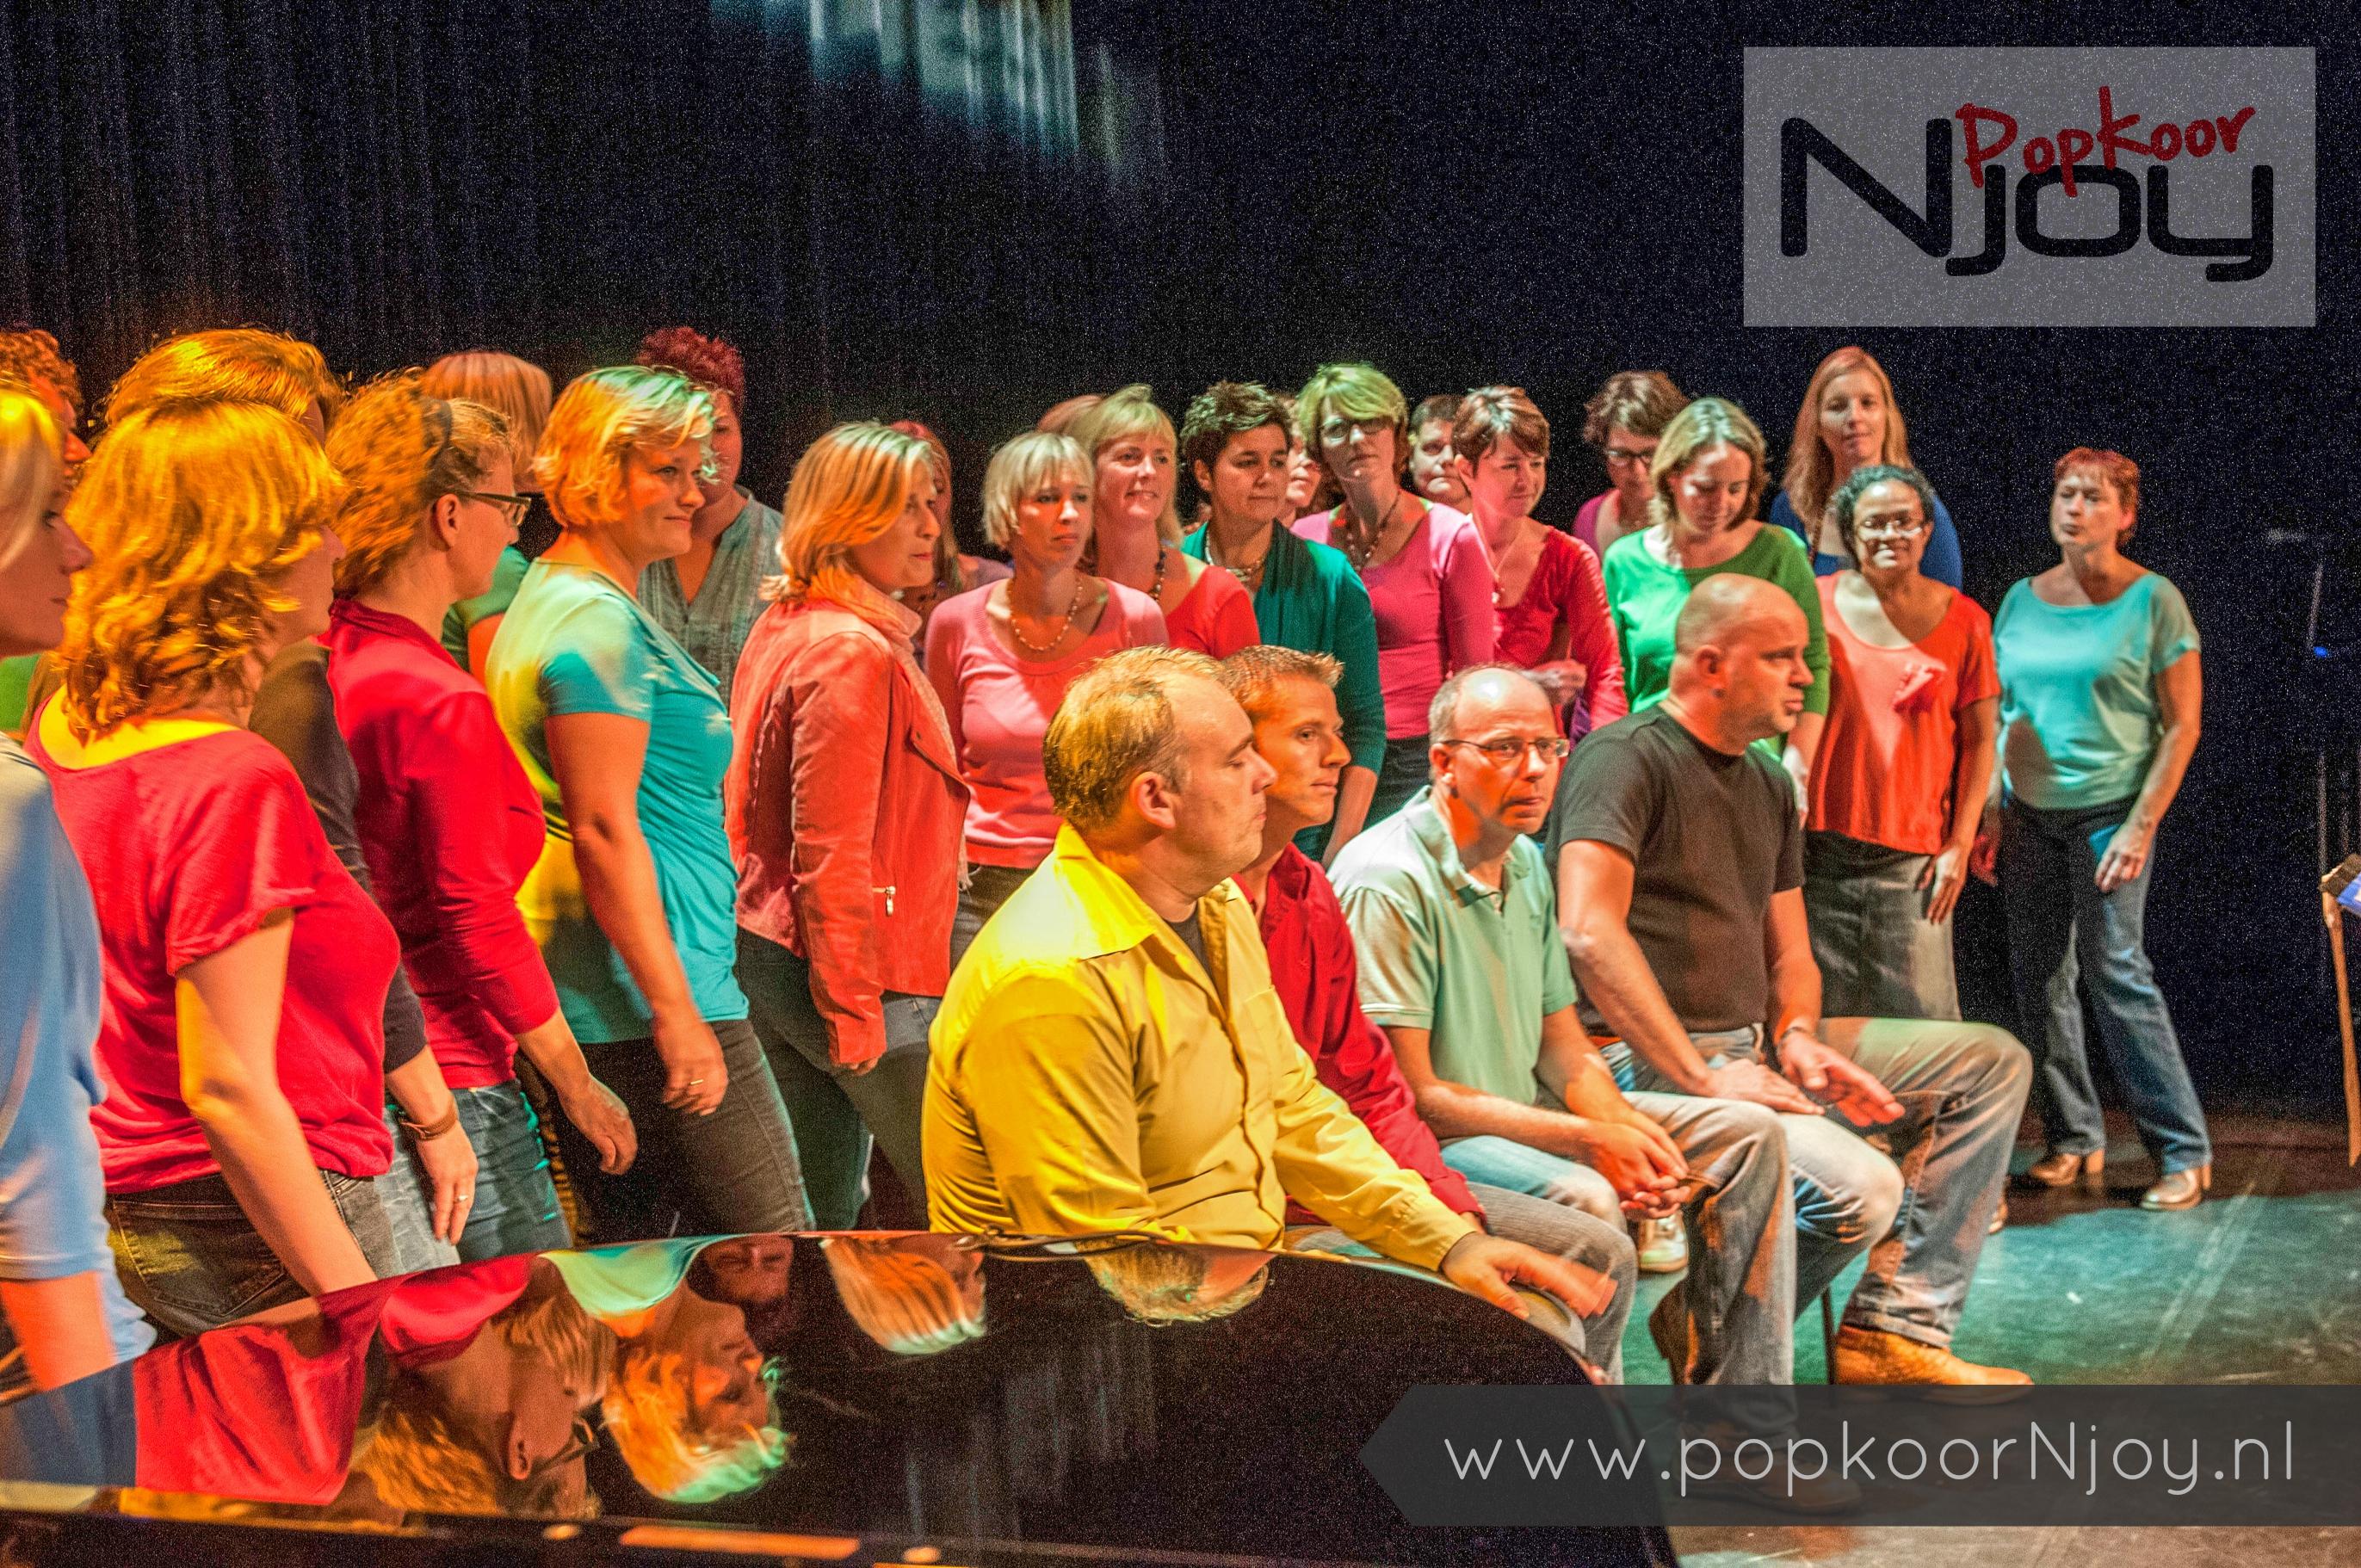 Popkoor Njoy Breda - KAM 2013